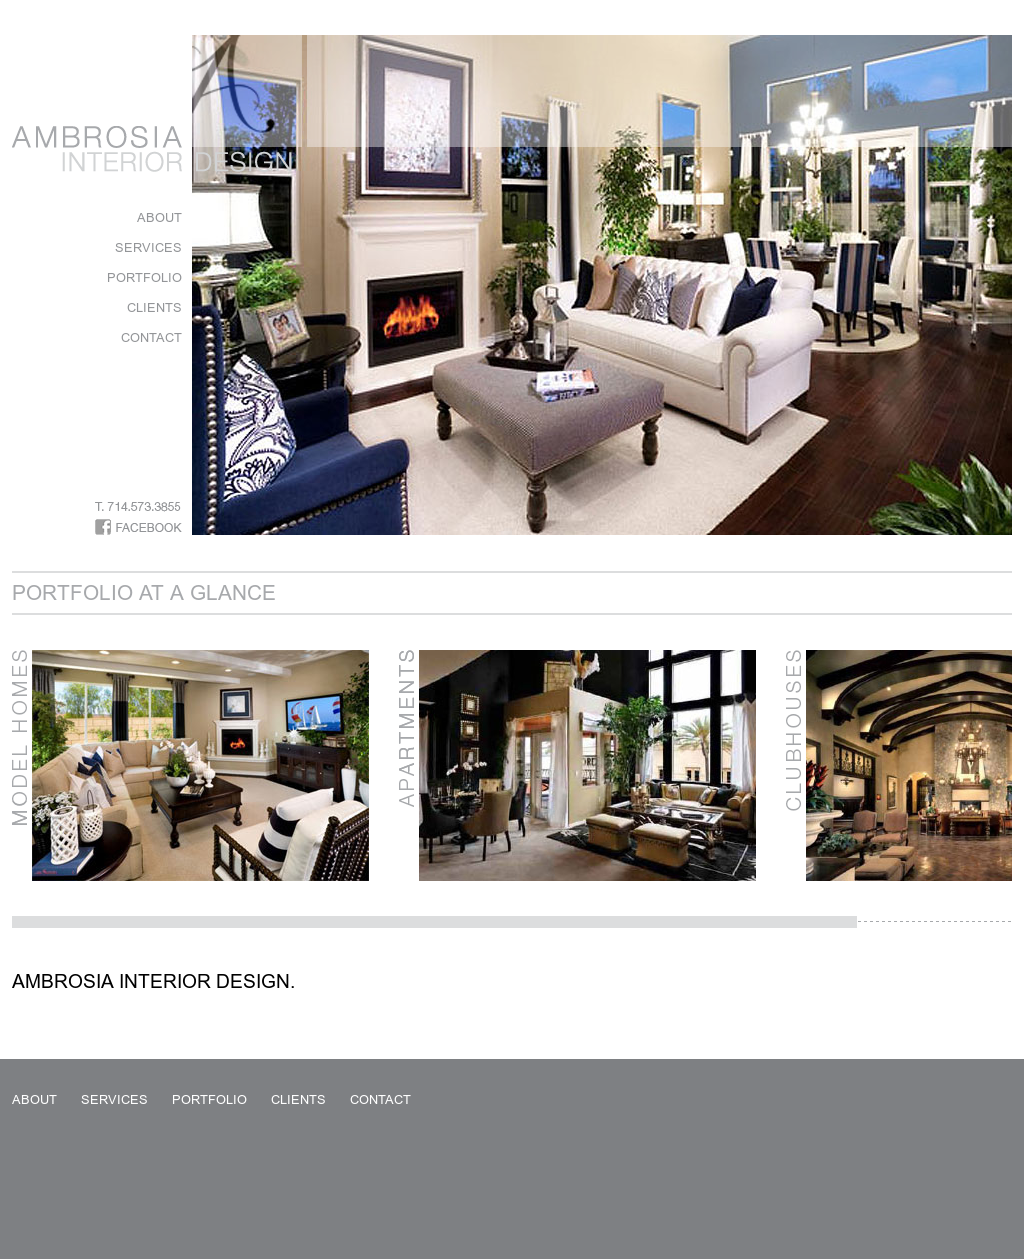 Ambrosia Interior Design Competitors Revenue And Employees Owler Company Profile